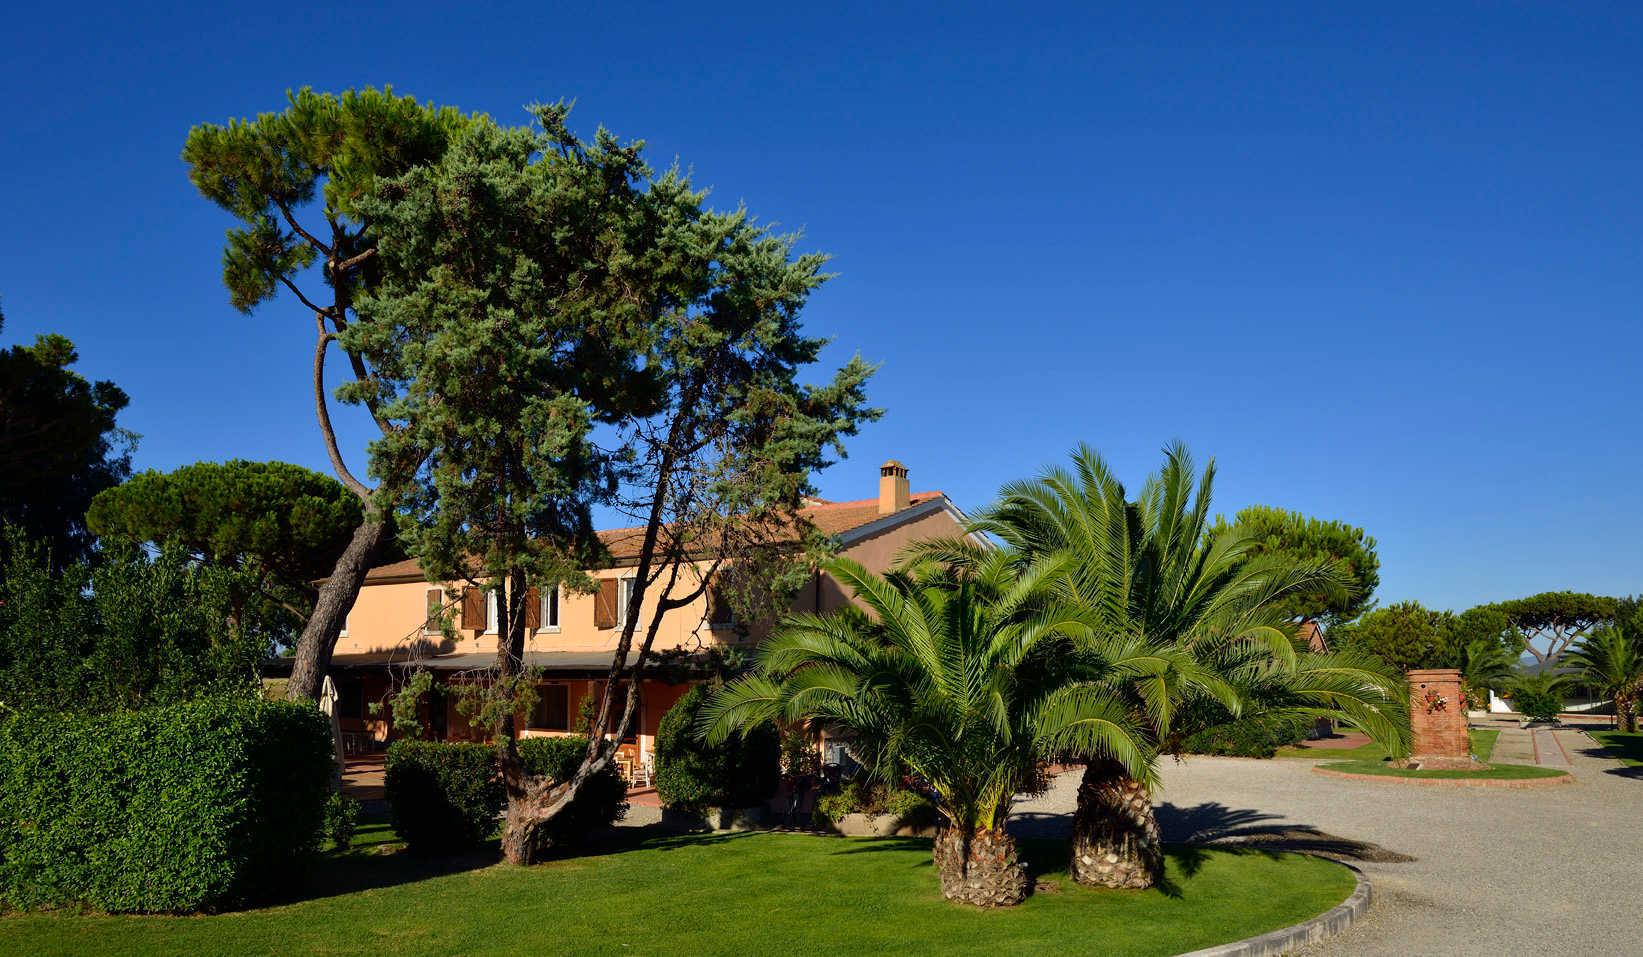 offerte case vacanze pasqua maremma toscana